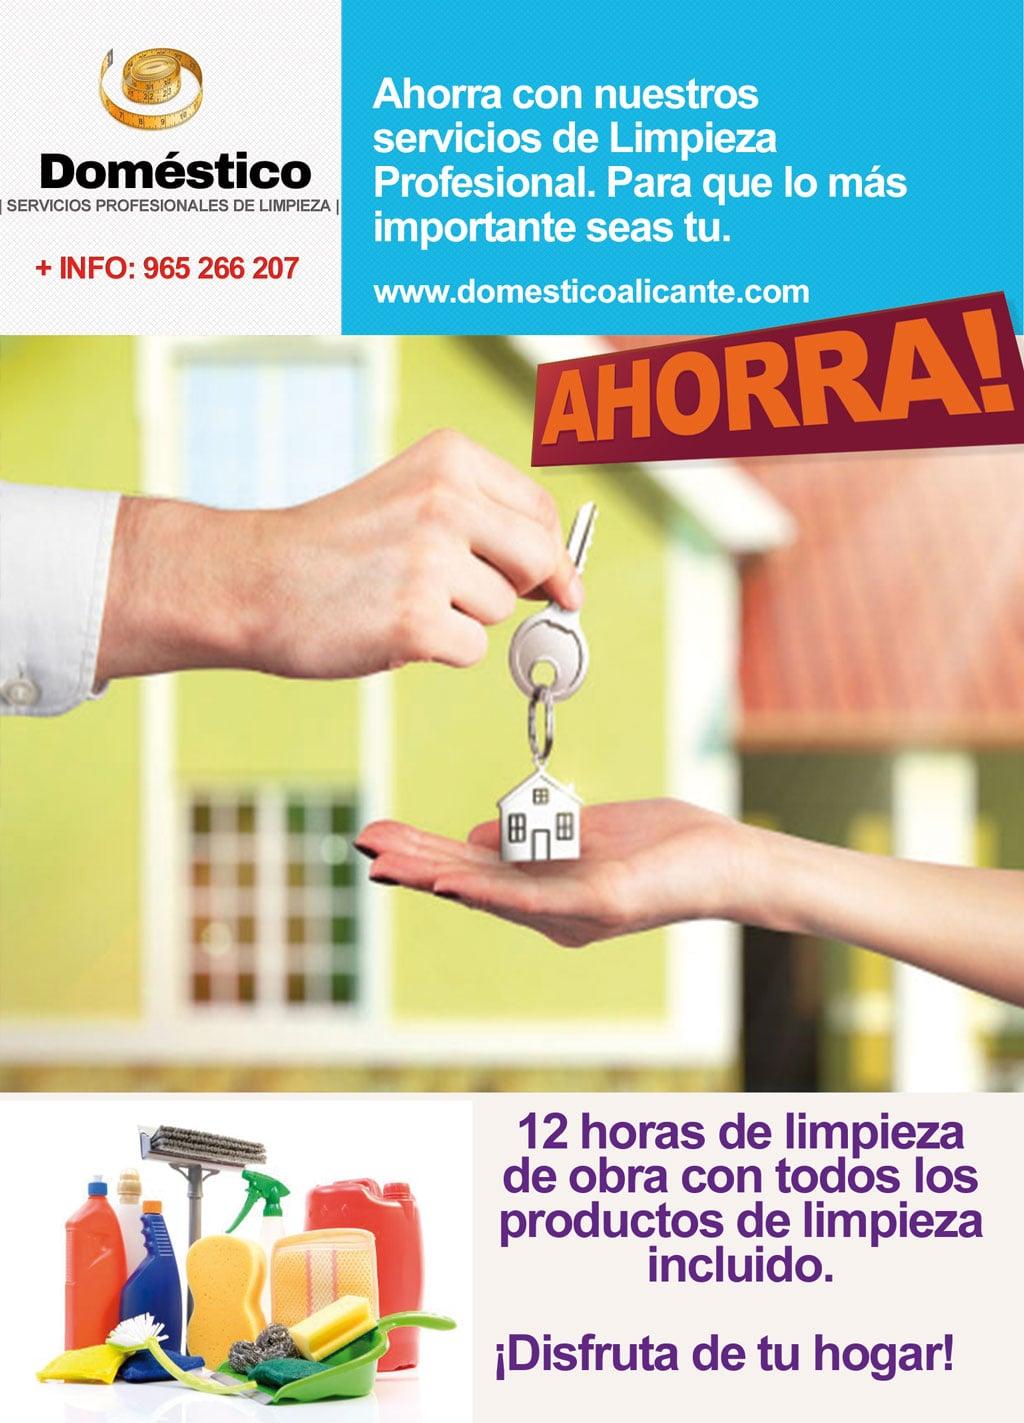 domestico-ofertas-obras Limpieza del Hogar - Doméstico Alicante